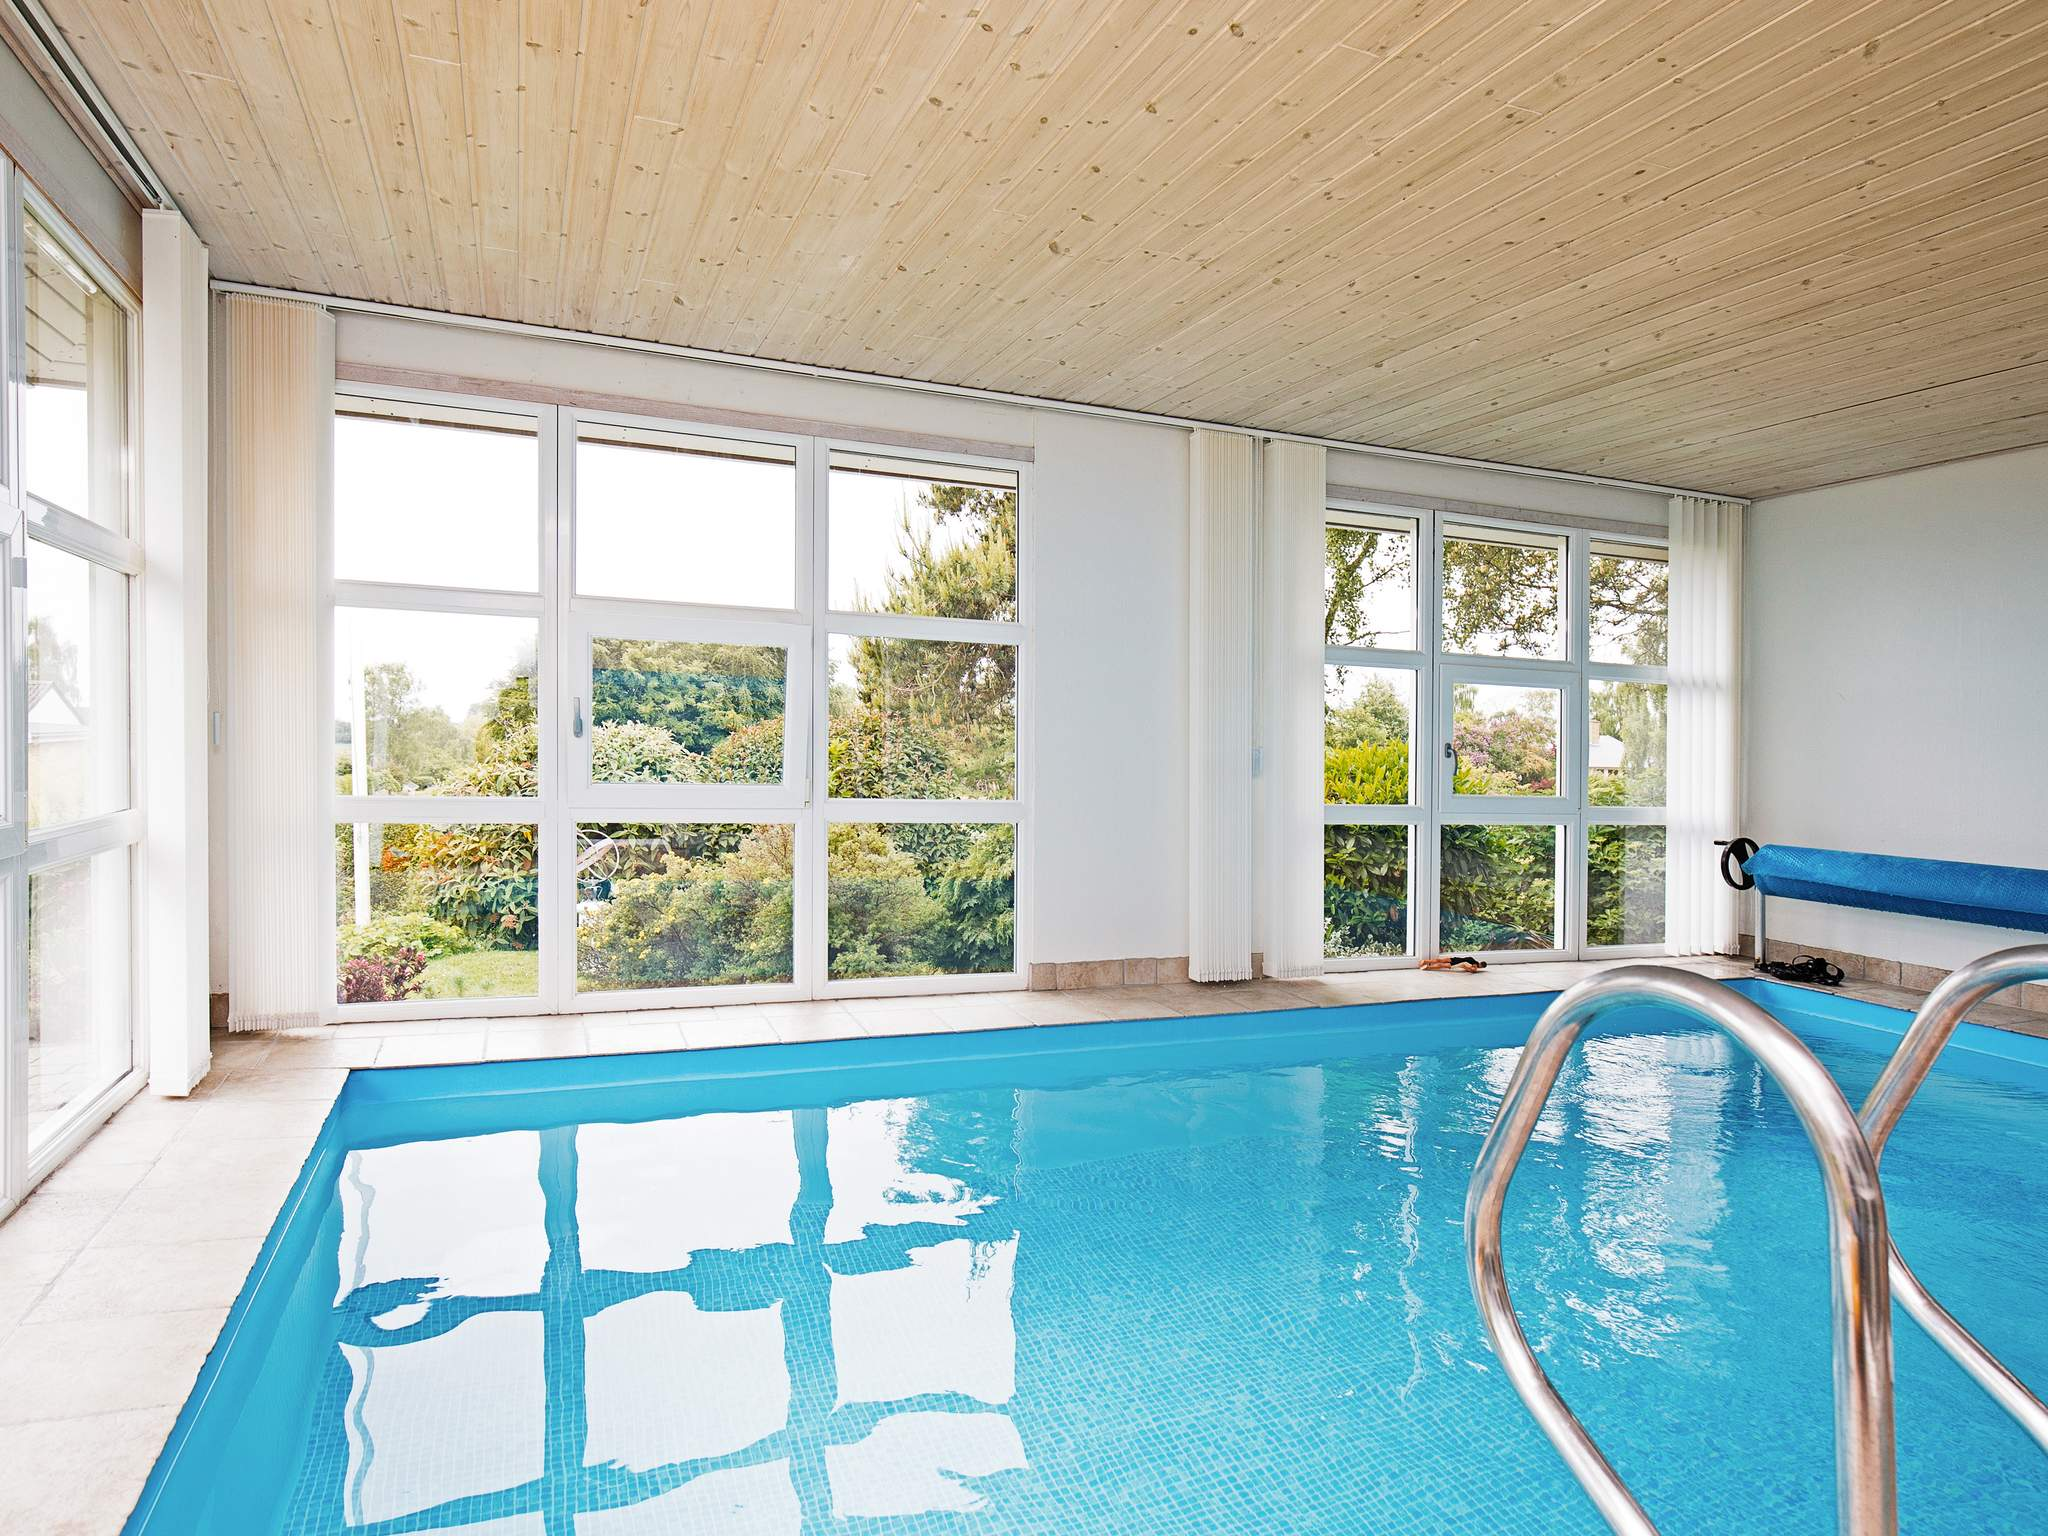 Ferienhaus Kobæk Strand (469719), Skælskør, , Westseeland, Dänemark, Bild 20